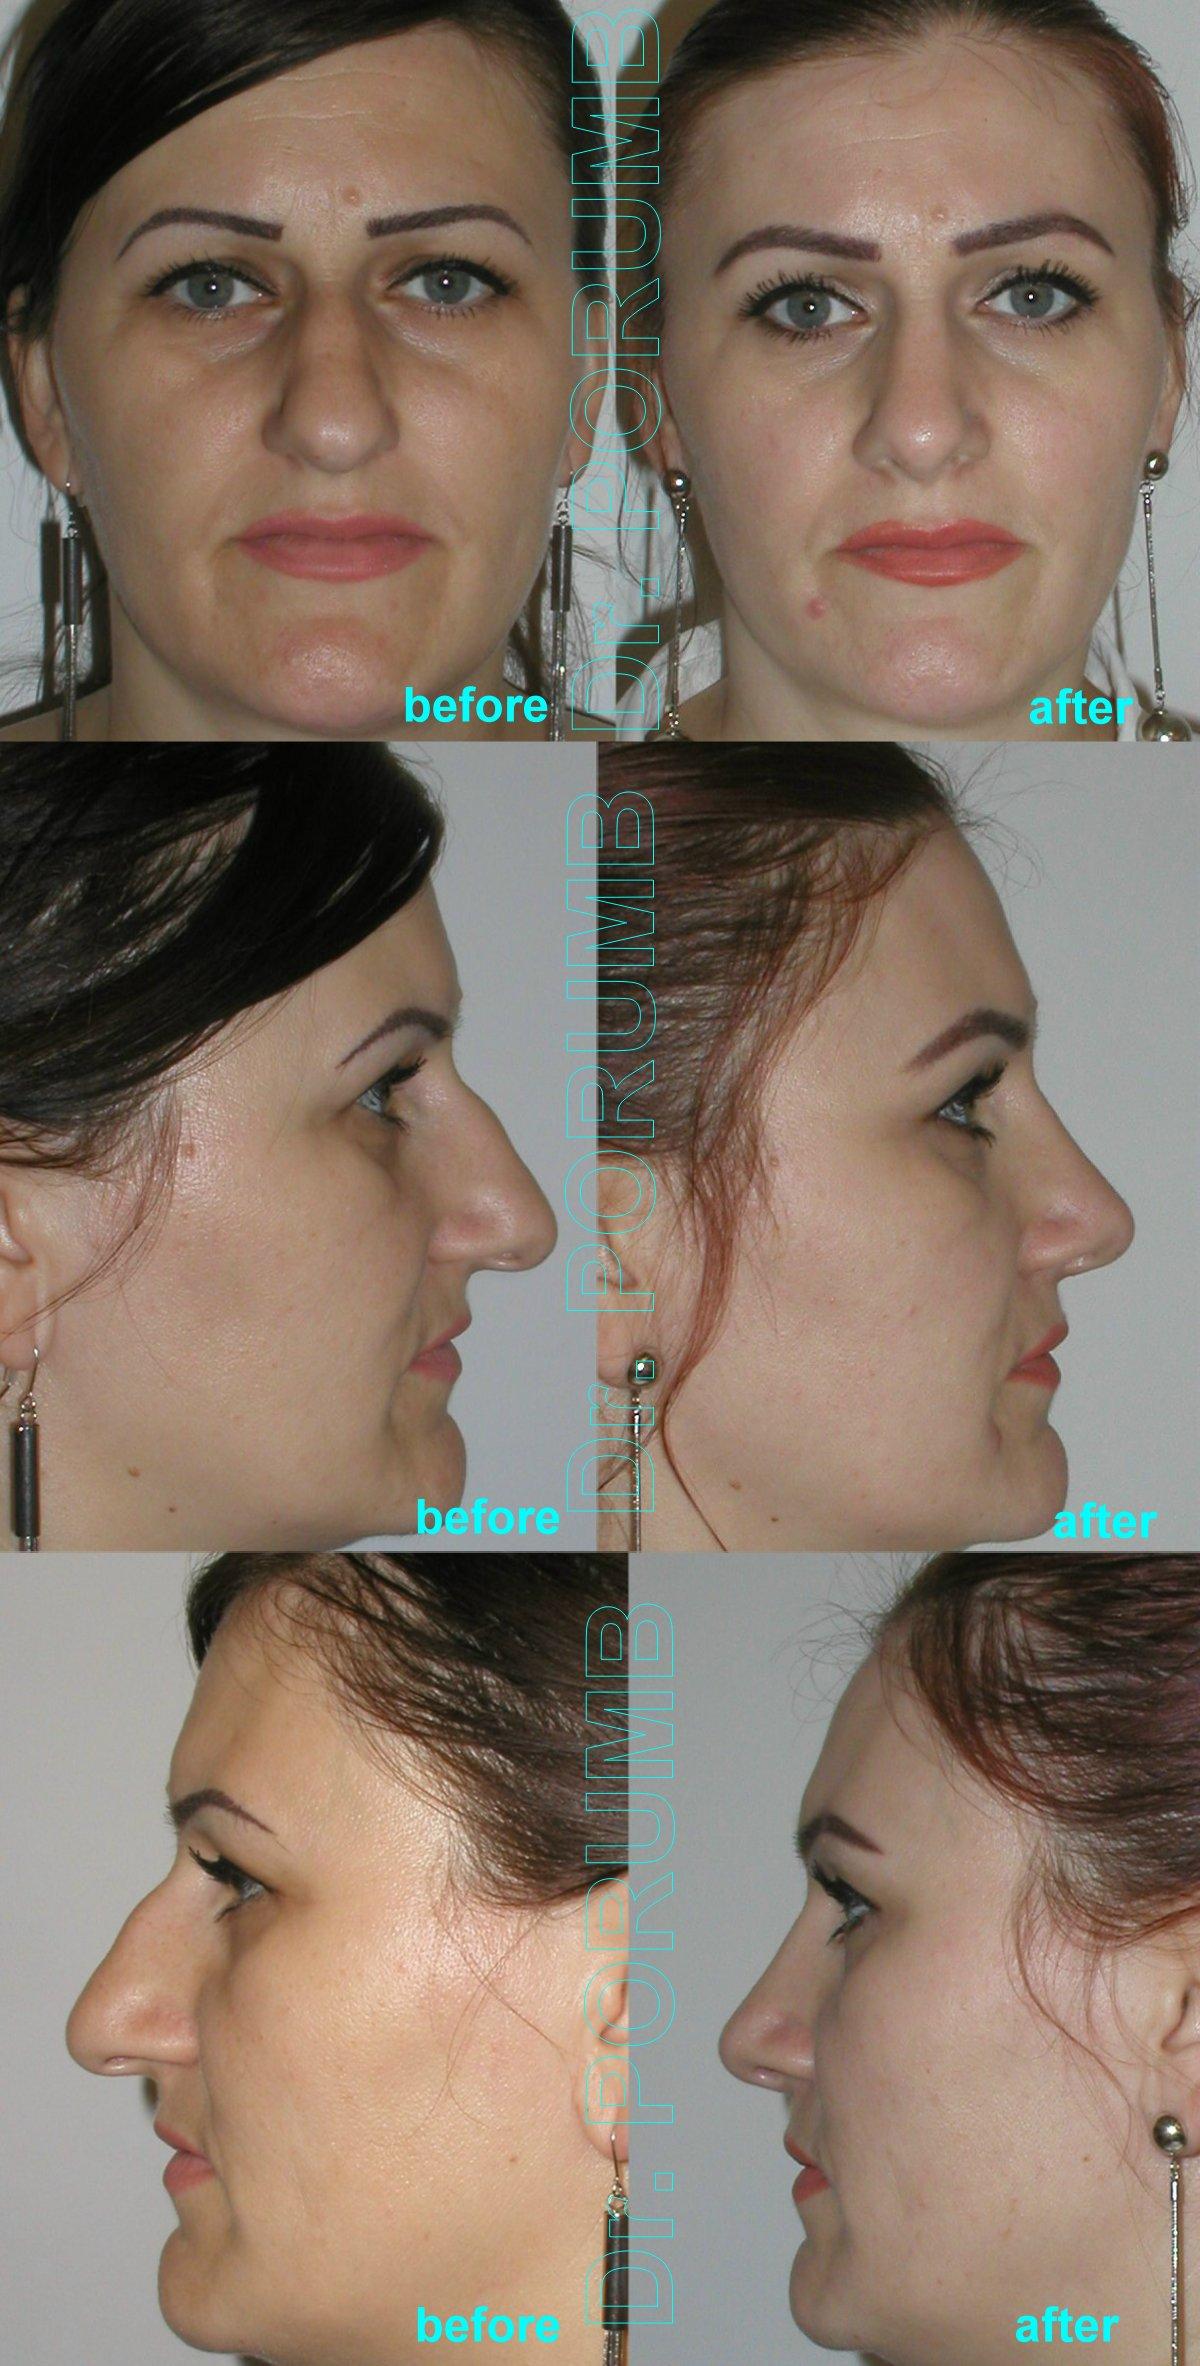 Pacienta de 36 ani, nemultumita de aspectul estetic al nasului, de marimea nasului, doreste sa apeleze la modelare nas, rinoplastie (operatie estetica nas), cu corectia deviatiei de sept, indepartarea cocoasei si micsorarea nasului, subtierea nasului si a varfului nasului, scurtarea nasului